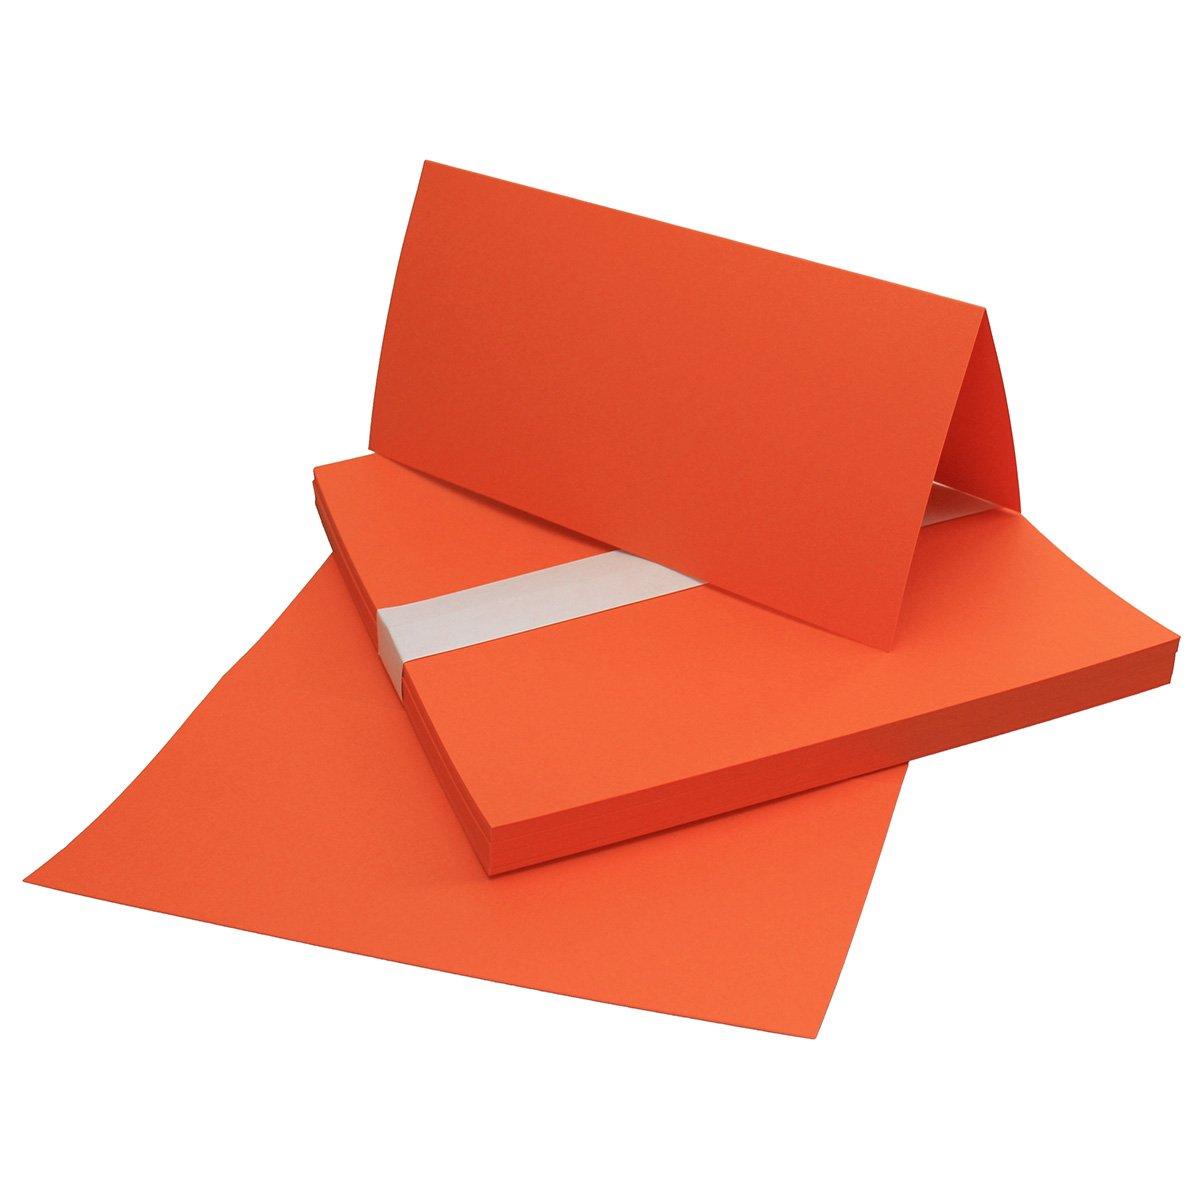 Faltkarten Din Lang   Schwarz   500 Stück   Premium Qualität - 10,5 x 21 cm - Sehr formstabil -Ideal für Grußkarten und Einladungen - Qualitätsmarke  NEUSER FarbenFroh B07FKTCGKP | Verpackungsvielfalt